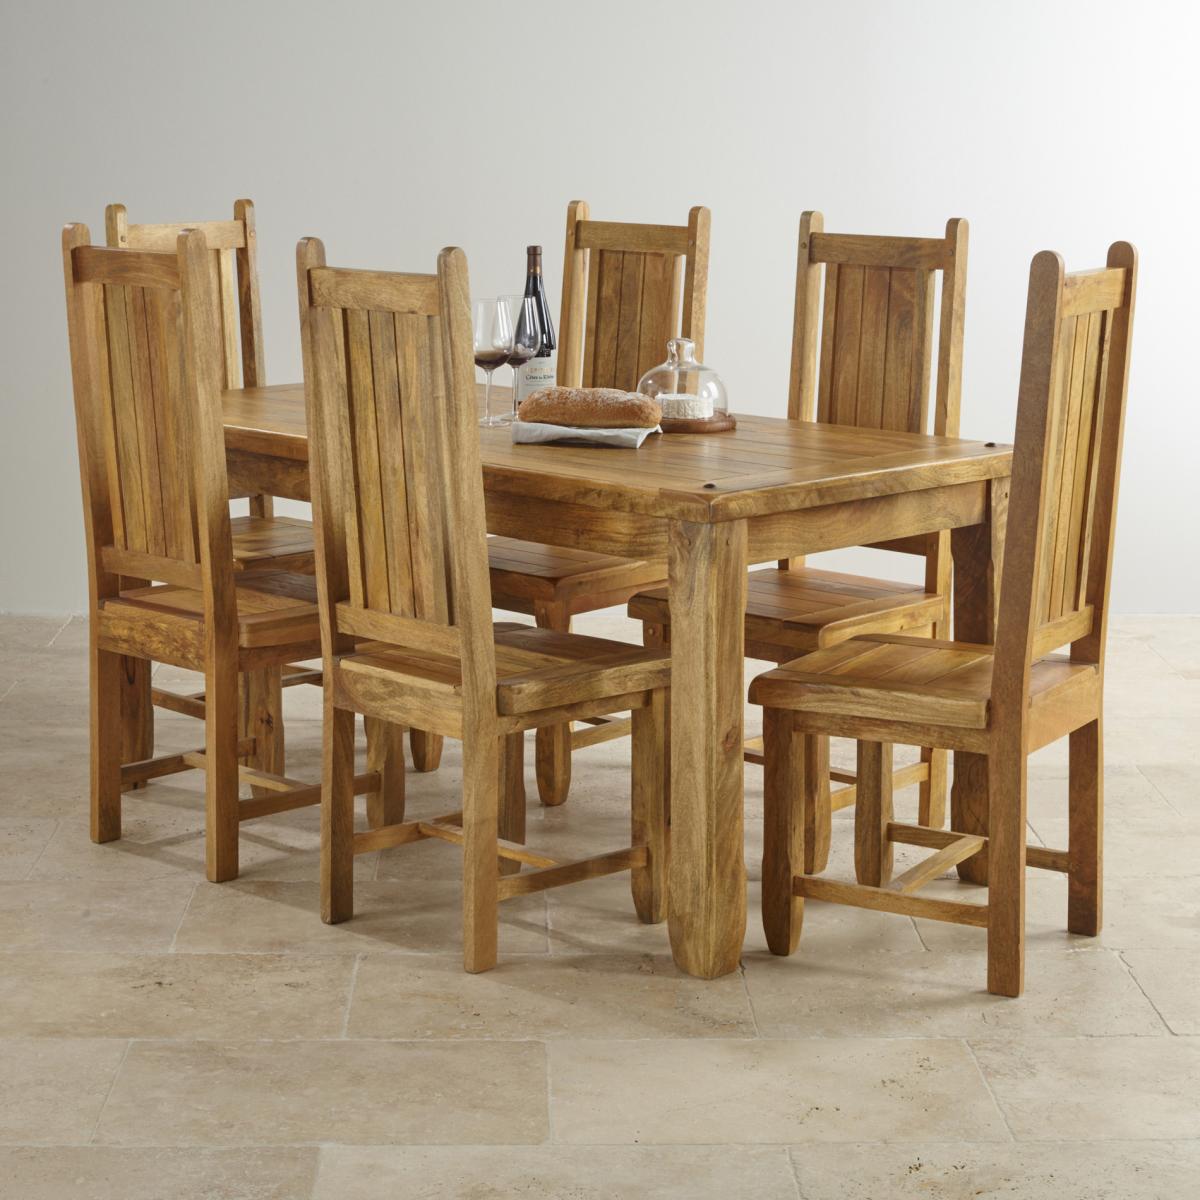 a3eafc3c80d4 Jedálenský set + 4 stoličky z masívu